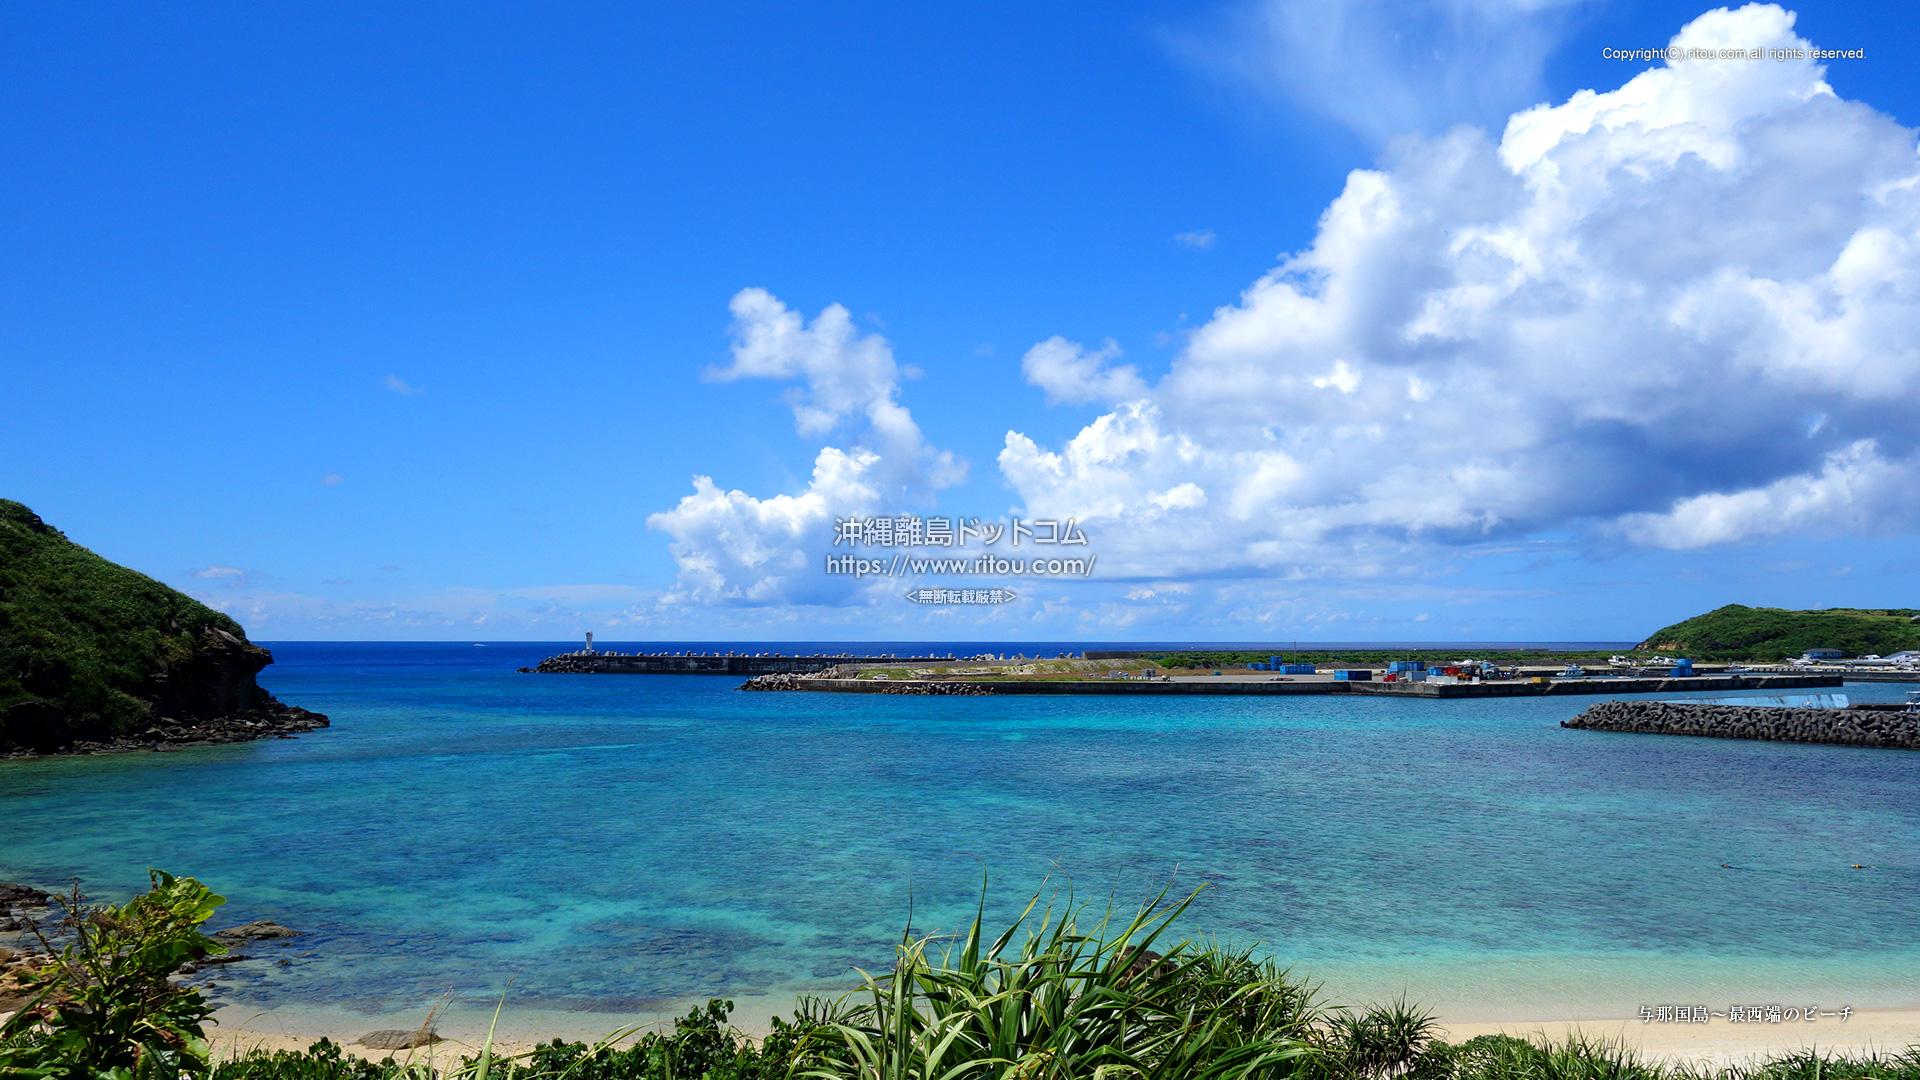 与那国島〜最西端のビーチ